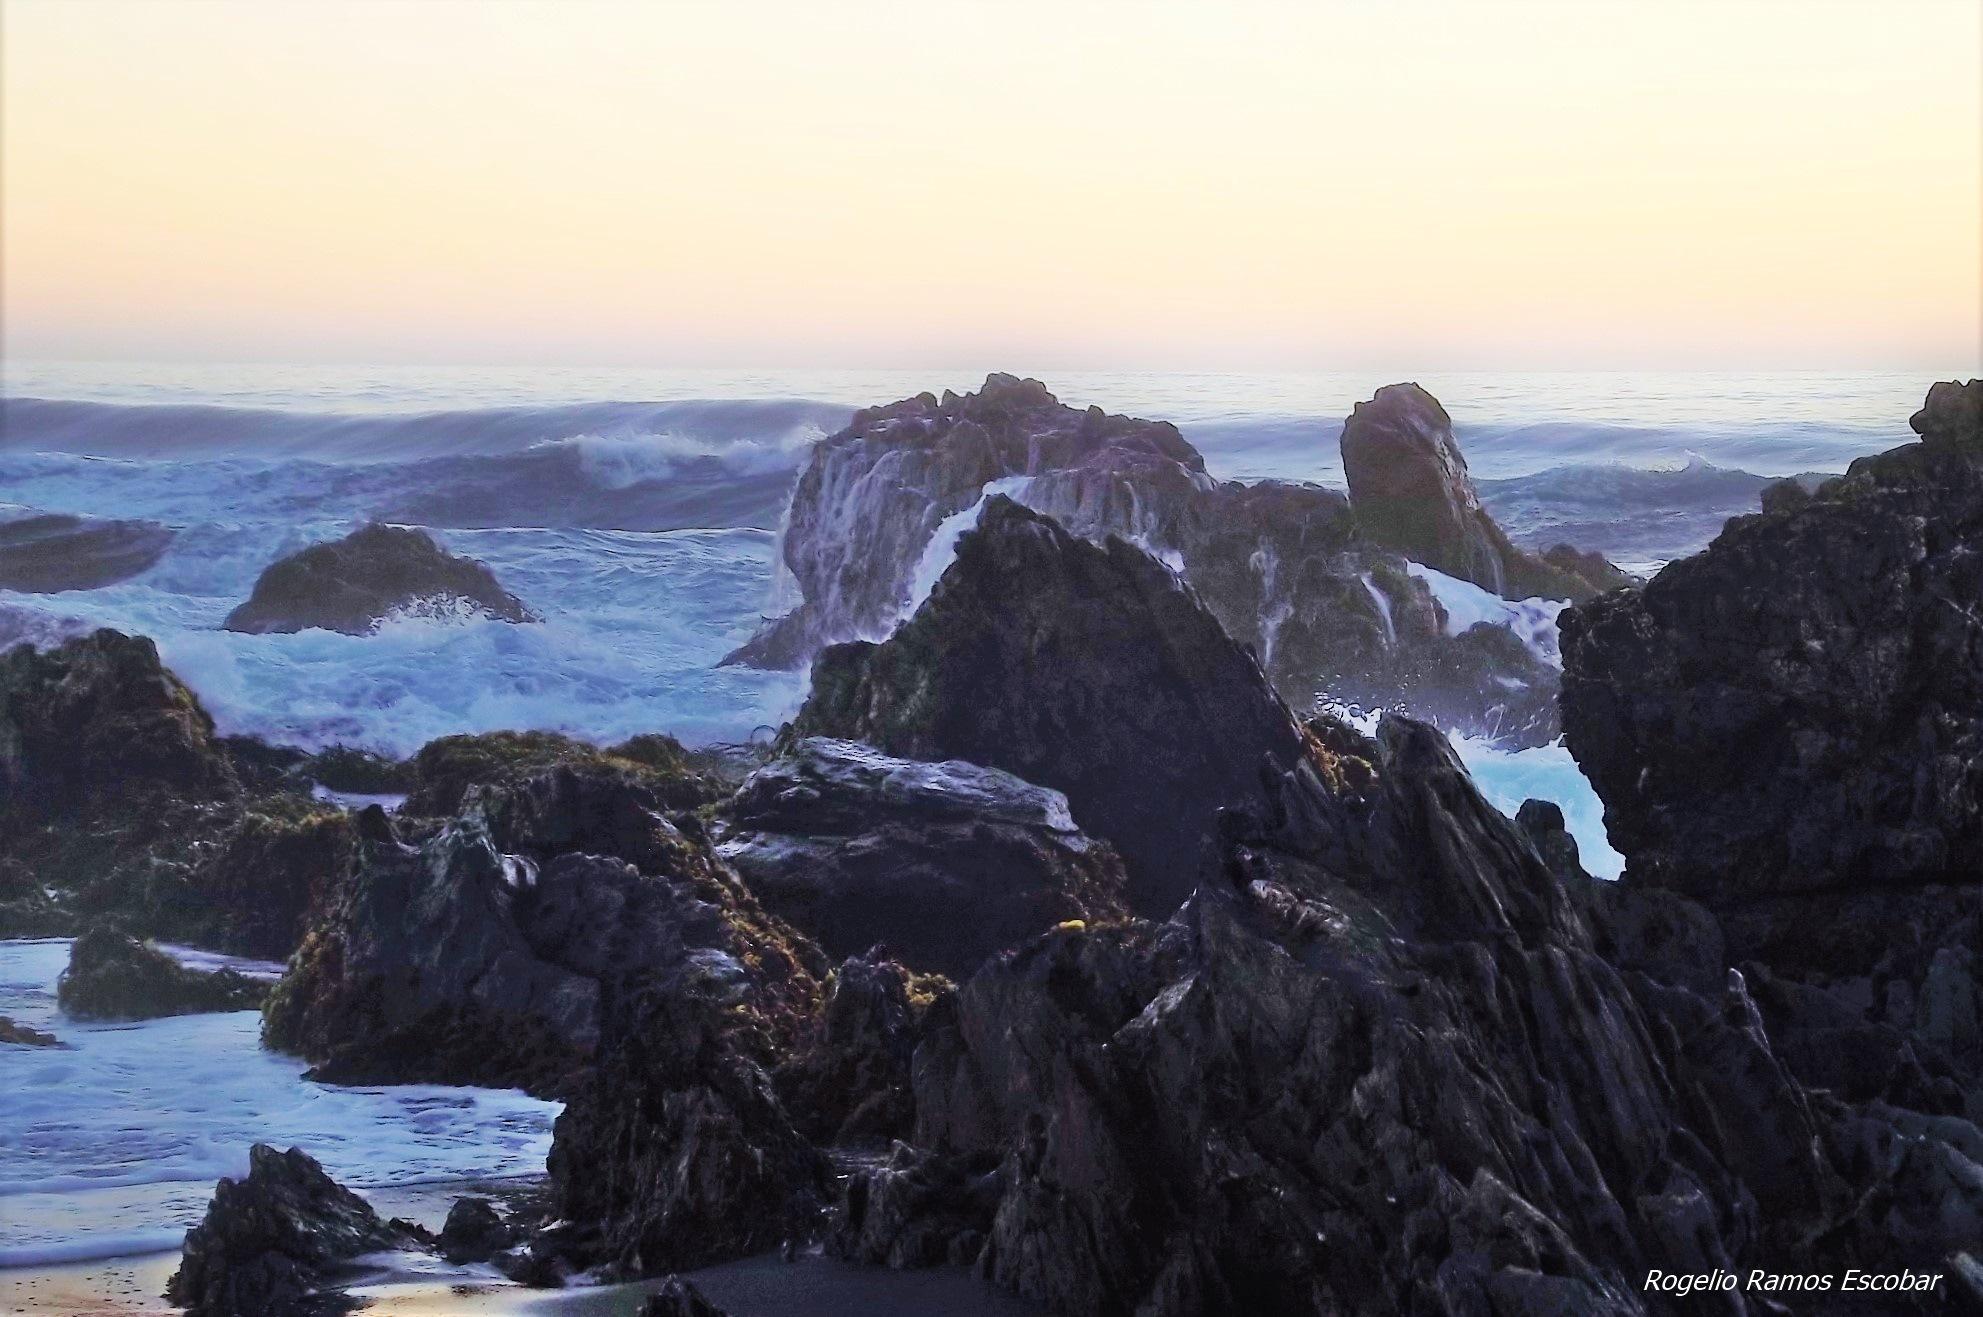 Océano Pacífico by Rogelio Ramos Escobar